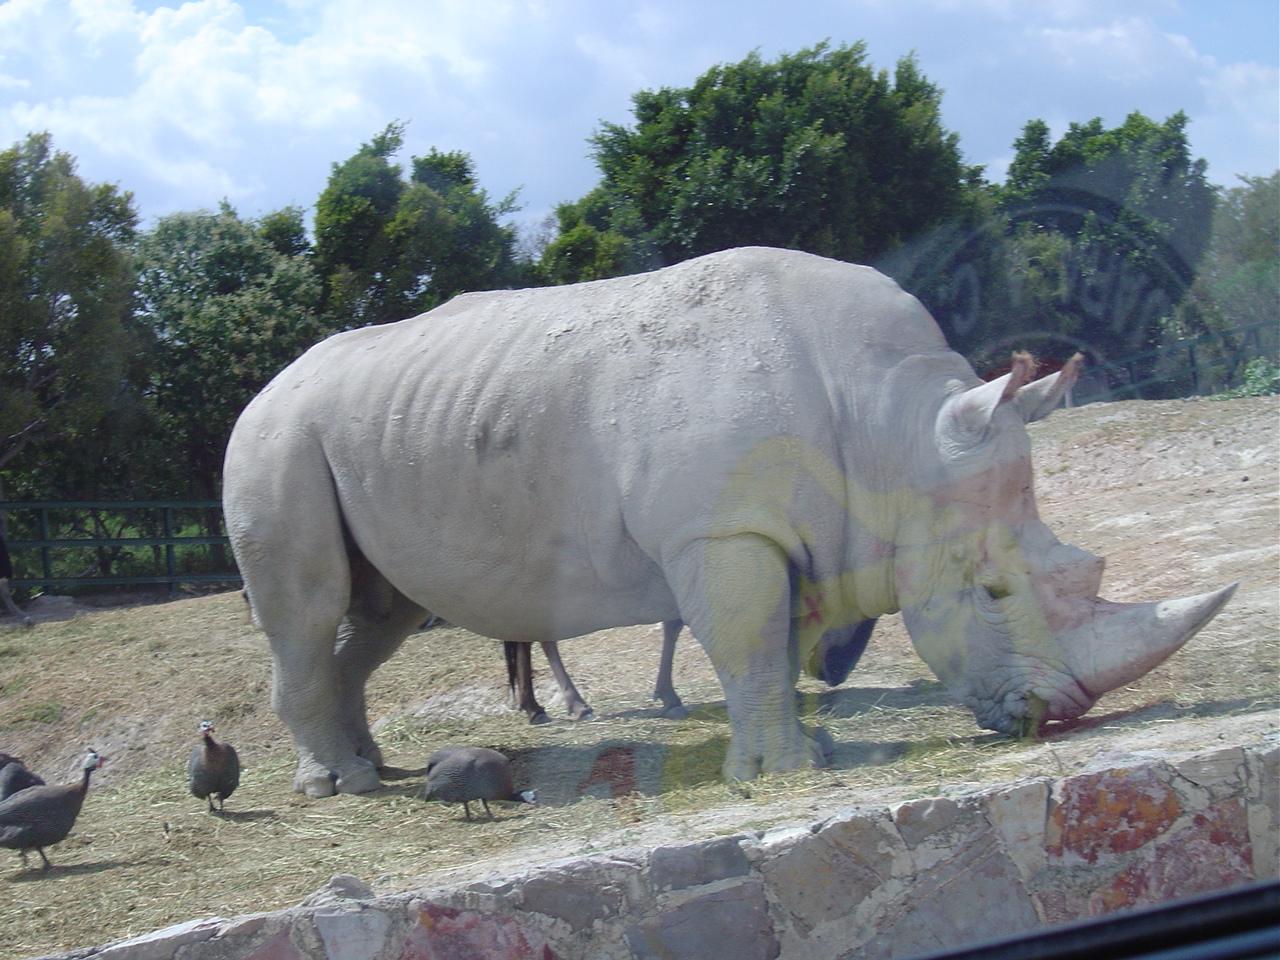 animales terrestres - photo #10